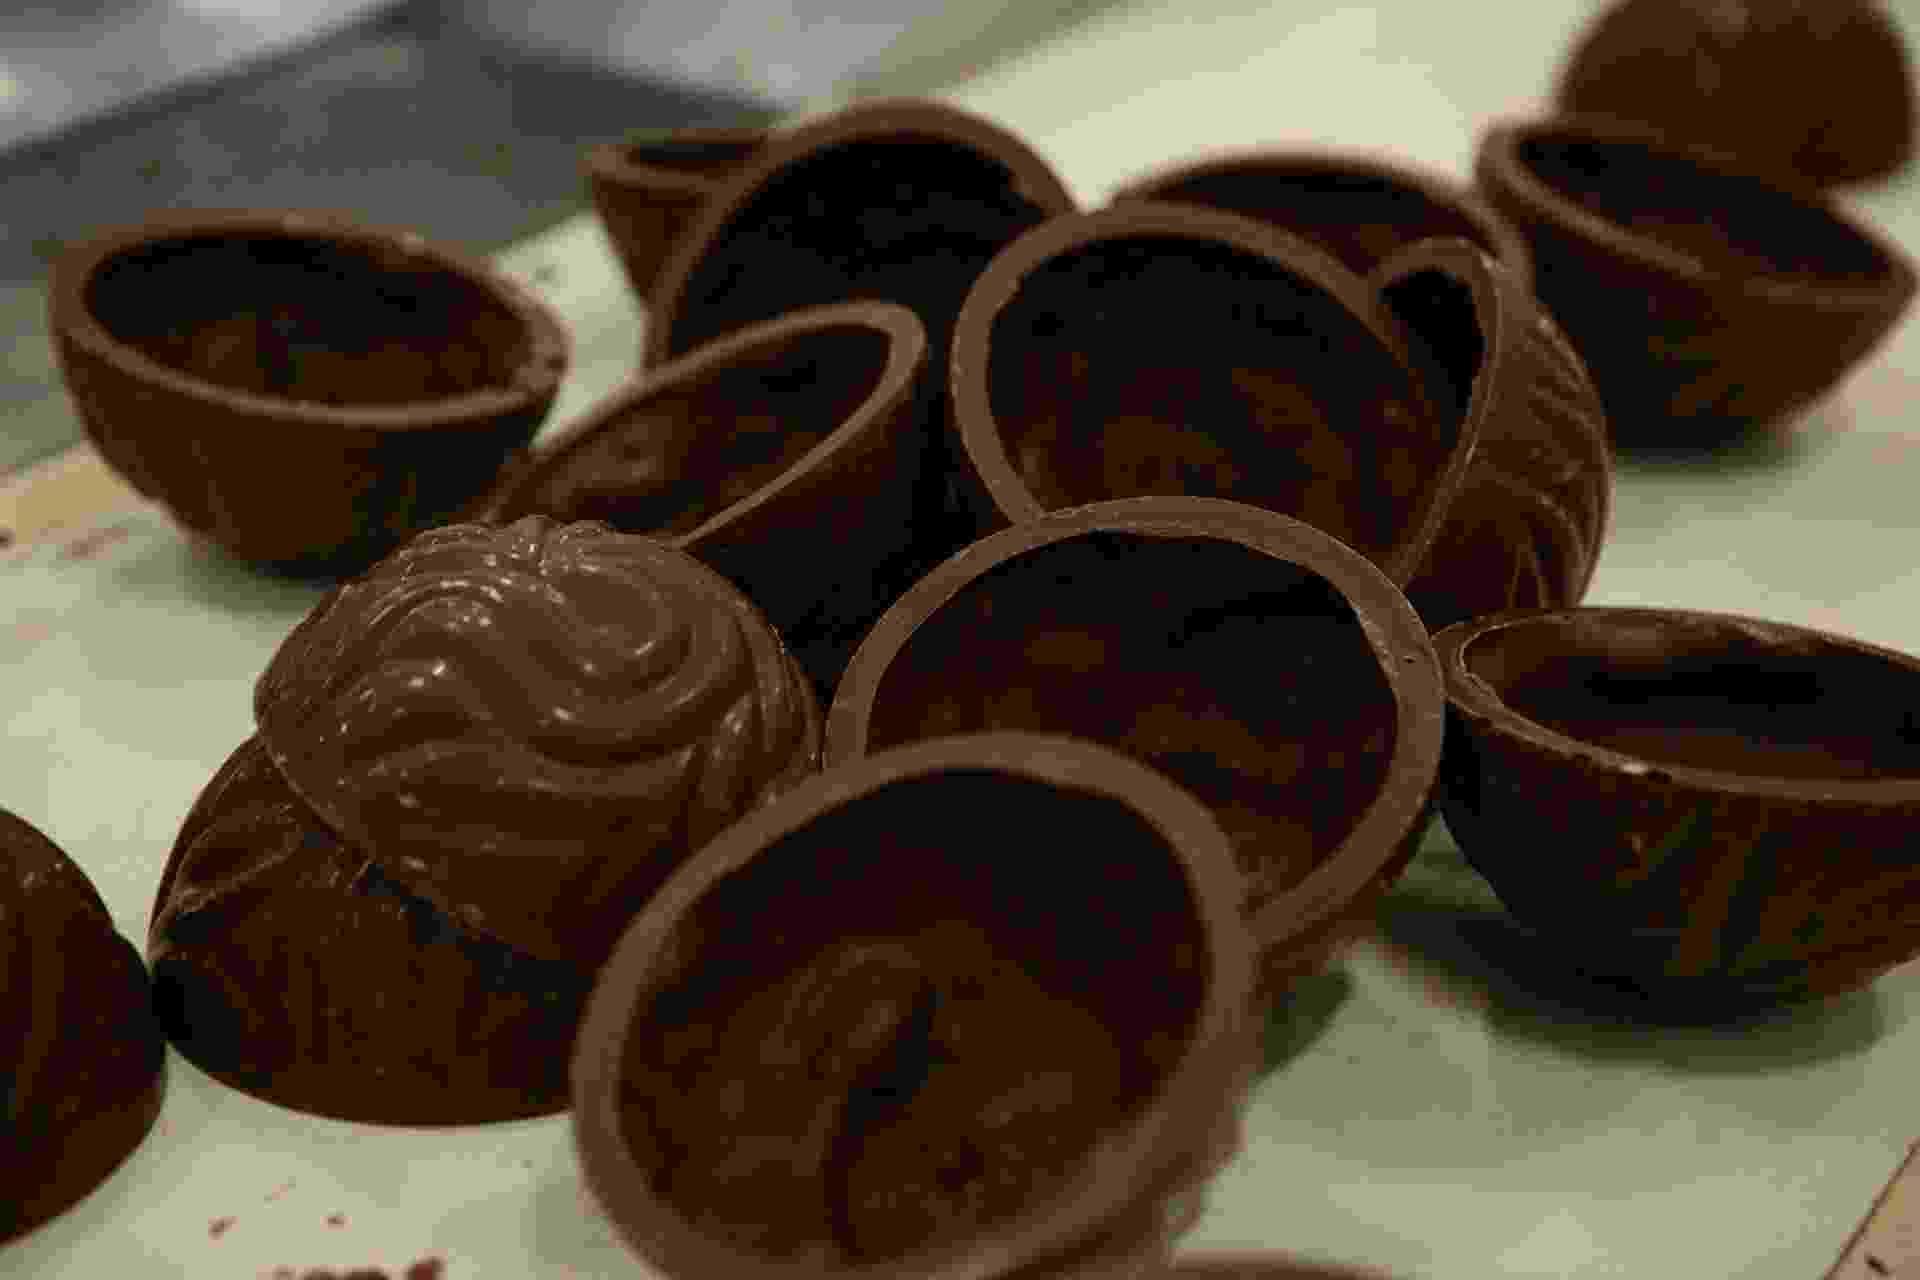 Fábrica de ovos de Páscoa da Cacau Show - Monalisa Lins/BOL